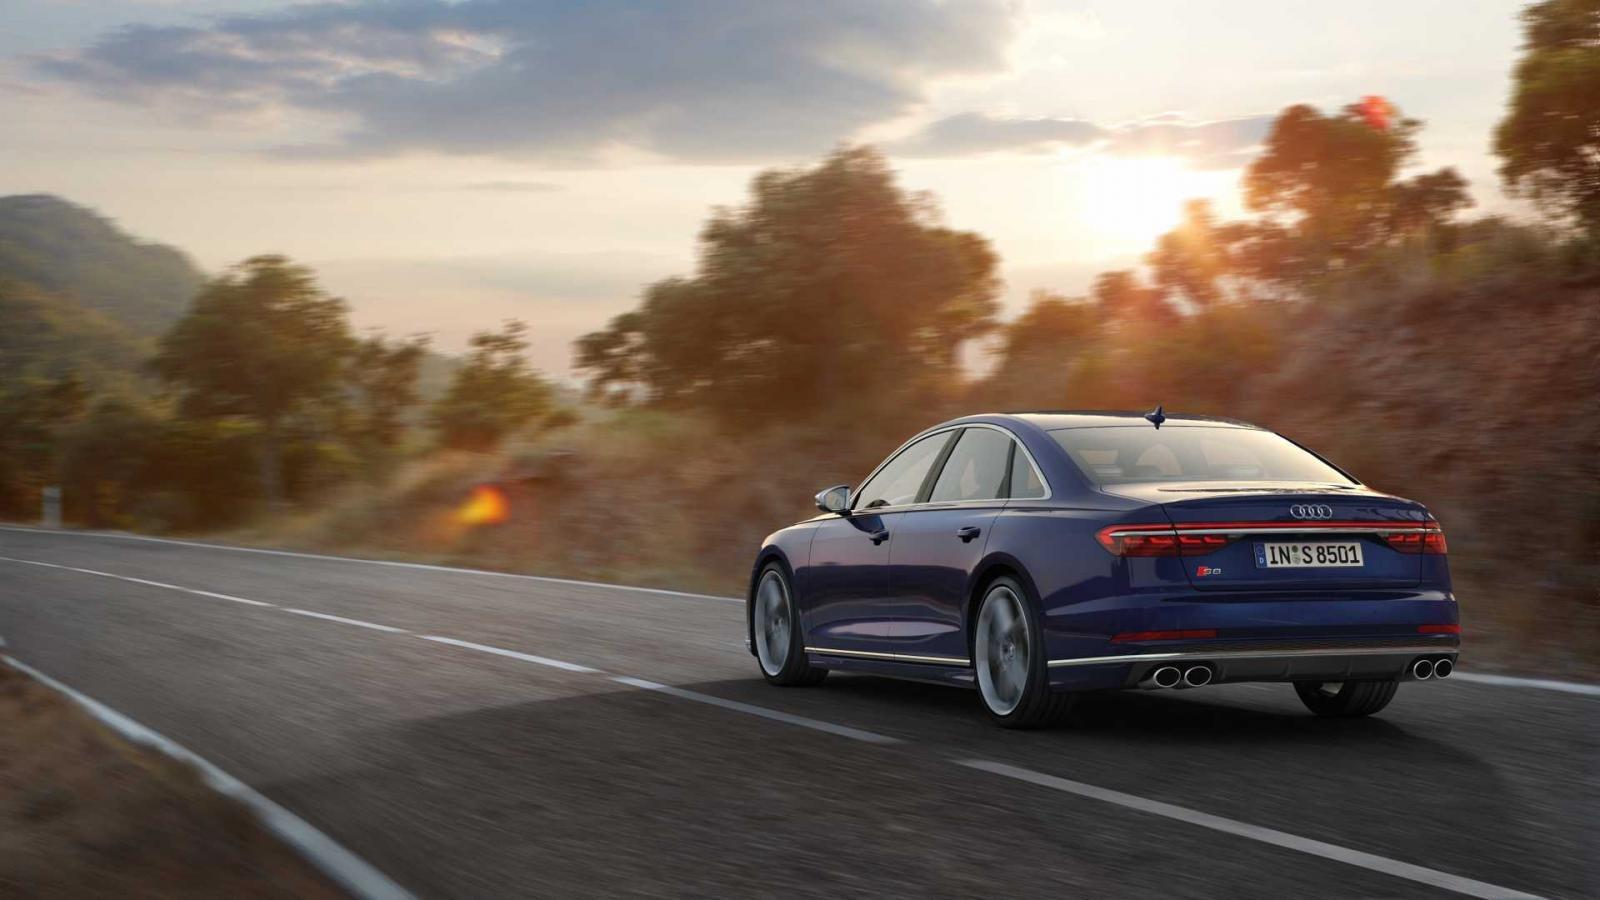 Đánh giá xe Audi S8 2020 về cảm giác lái 2